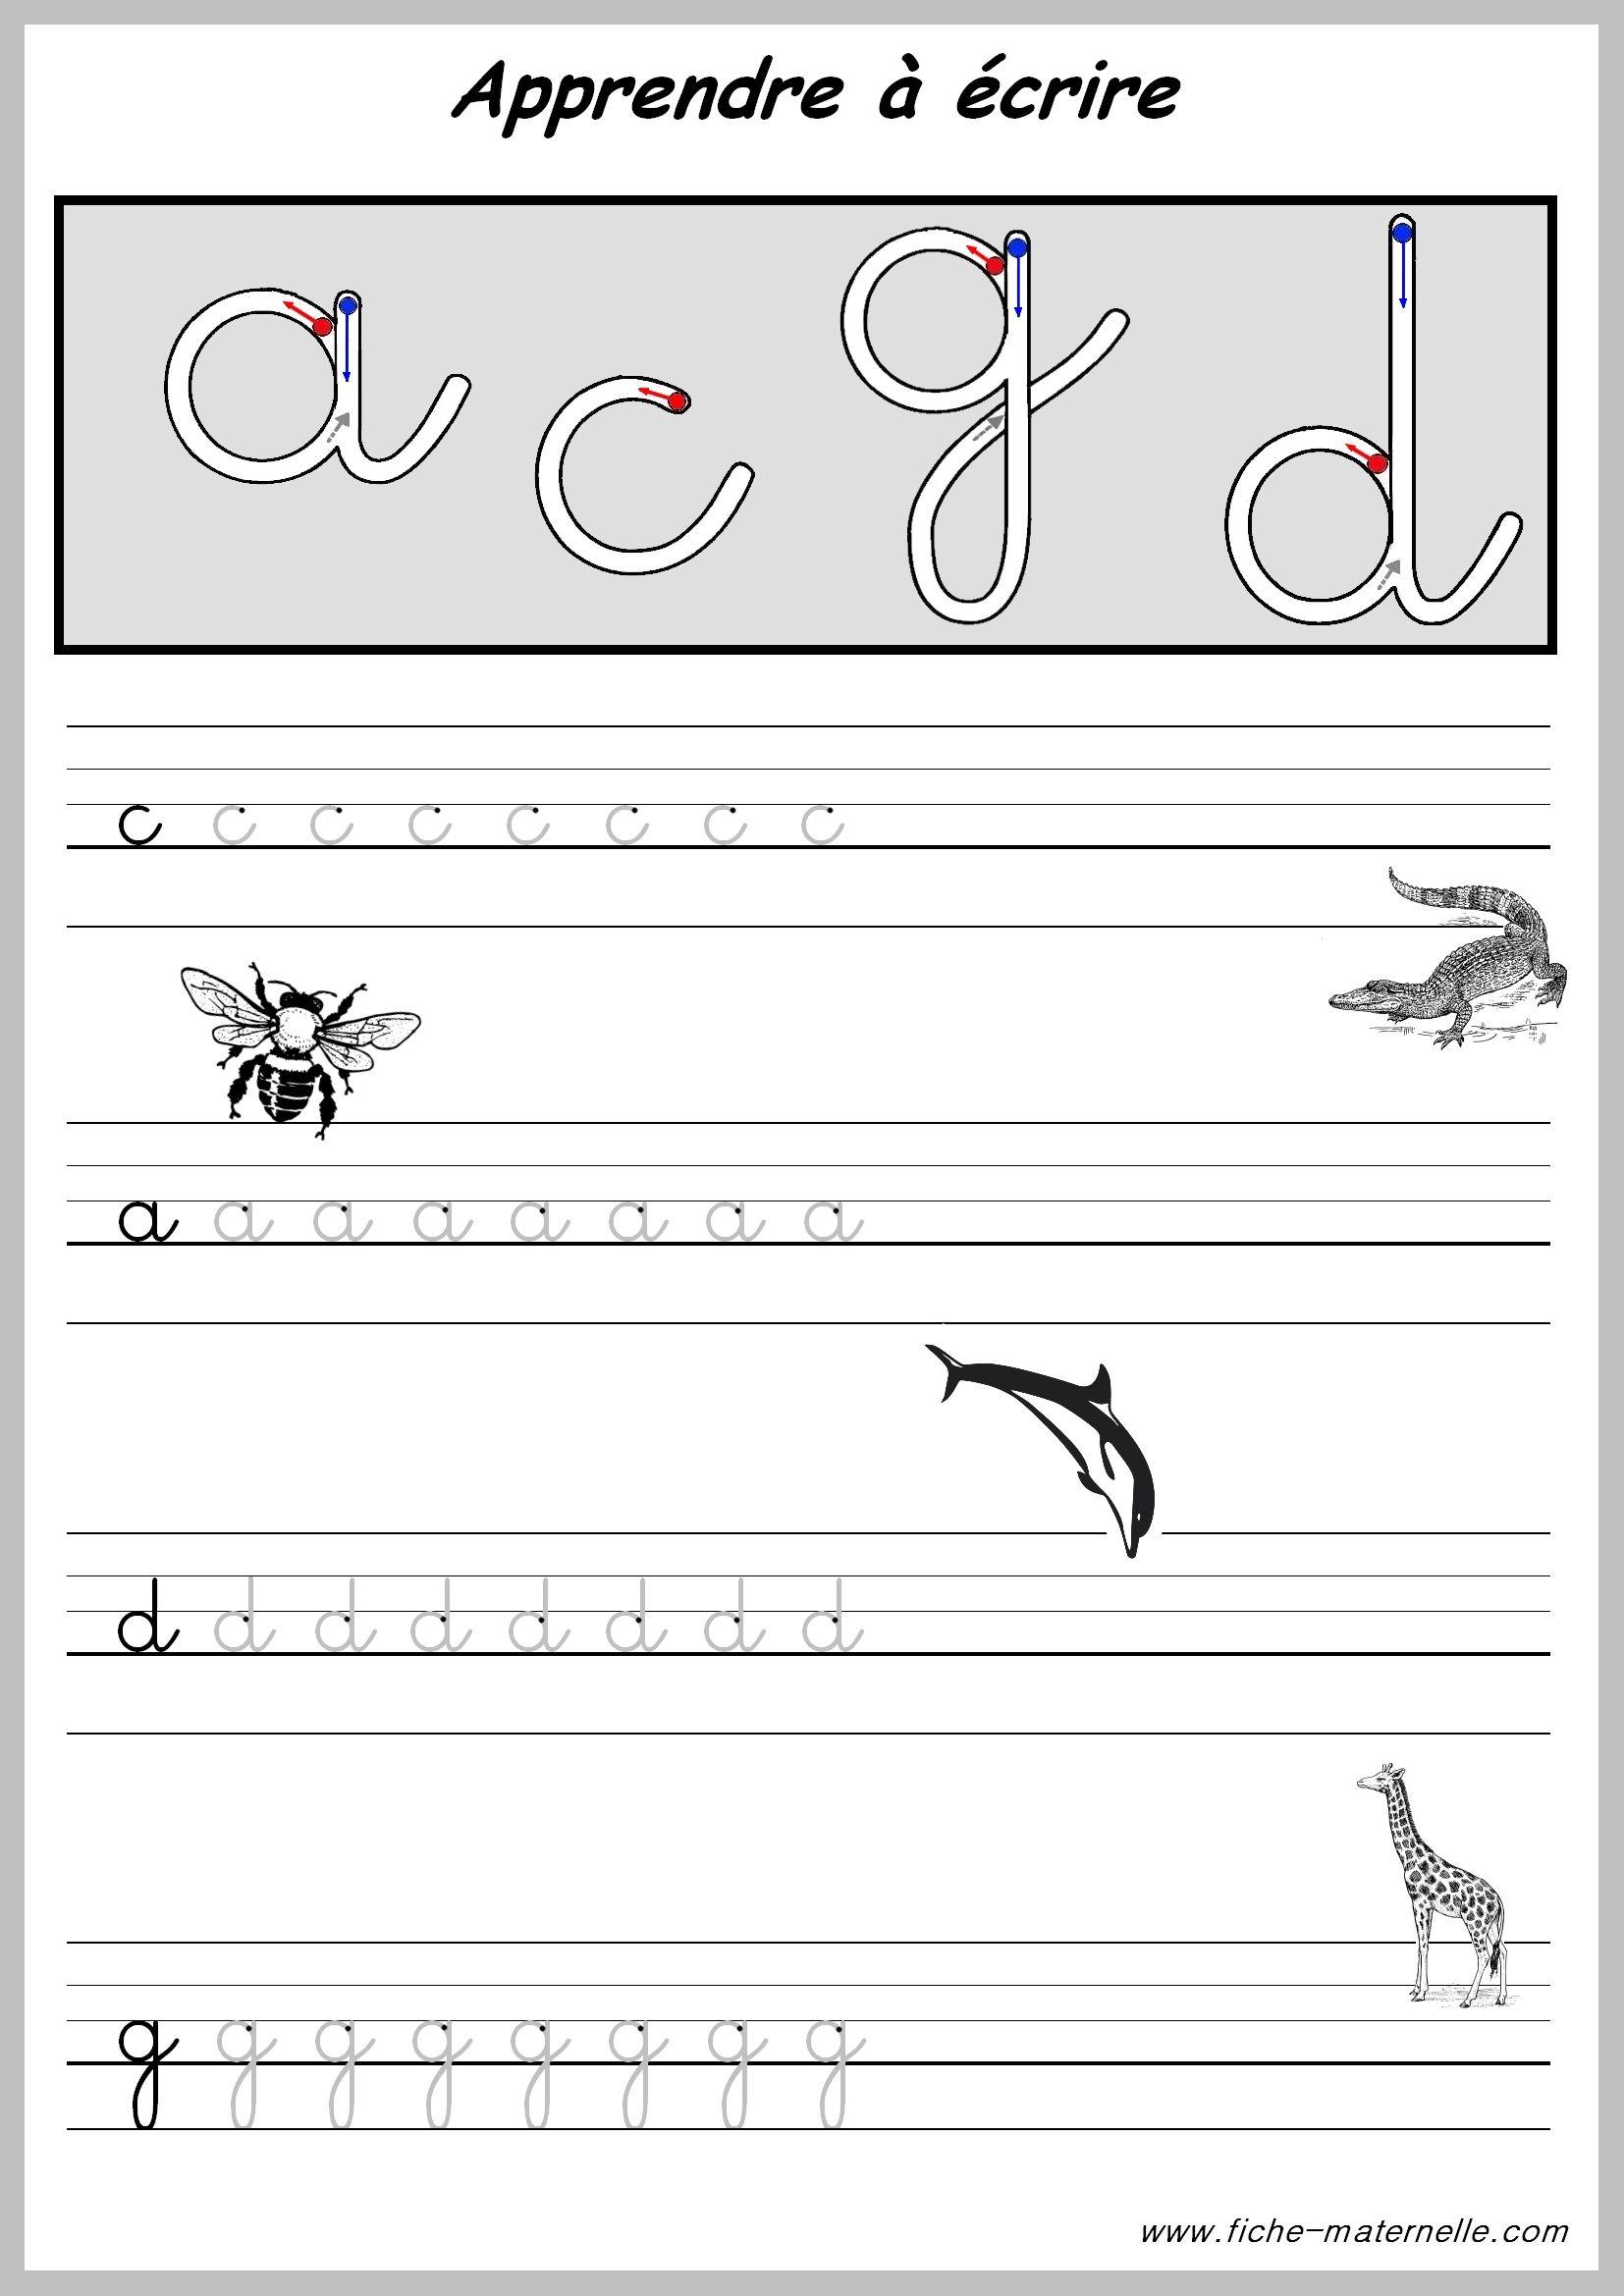 Exercices Pour Apprendre A Ecrire. | Apprendre À Écrire dedans Apprendre À Écrire L Alphabet En Maternelle